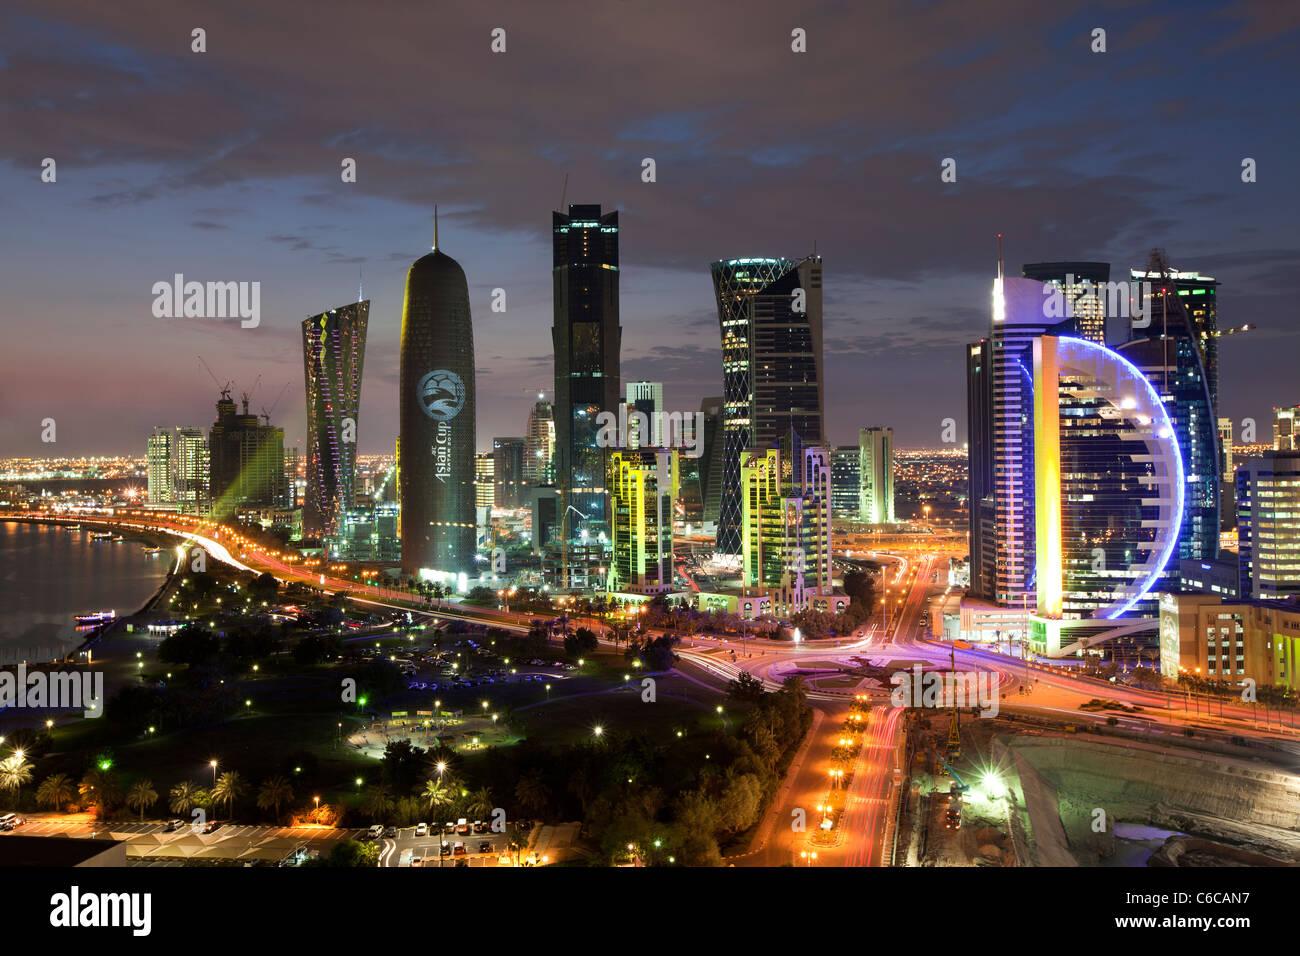 Katar, Naher Osten, Arabische Halbinsel, Doha, neue Skyline der West Bay zentralen finanziellen Bezirk von Doha Stockfoto